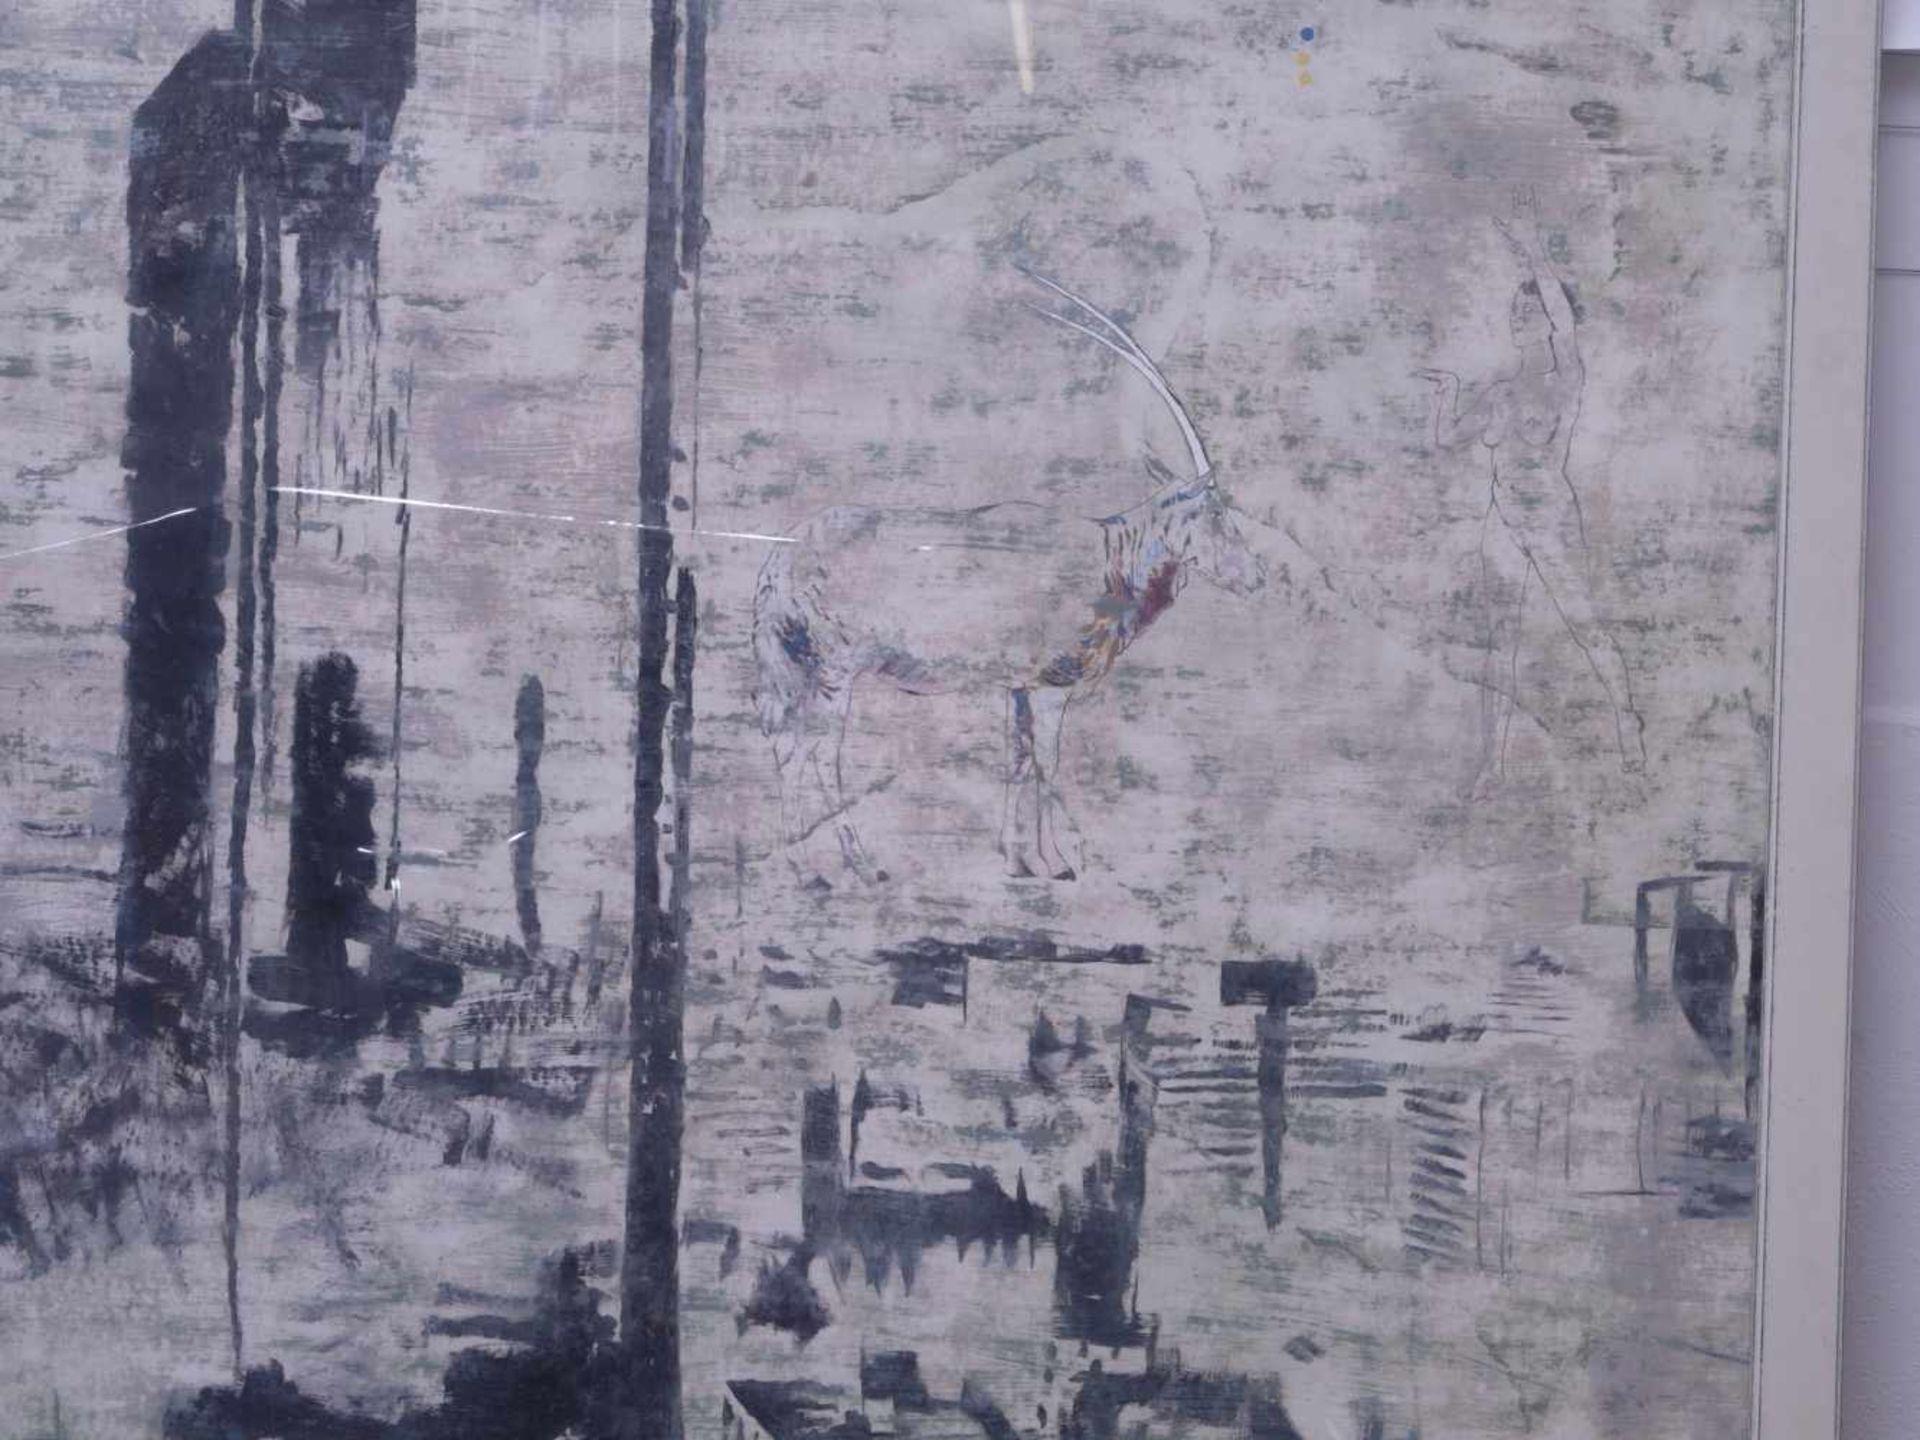 """Dauphin, Peter genannt Muth (Nürnberg 1957) - Großformatiges Gemälde """"Alpstadt""""Sehr großes - Bild 4 aus 6"""